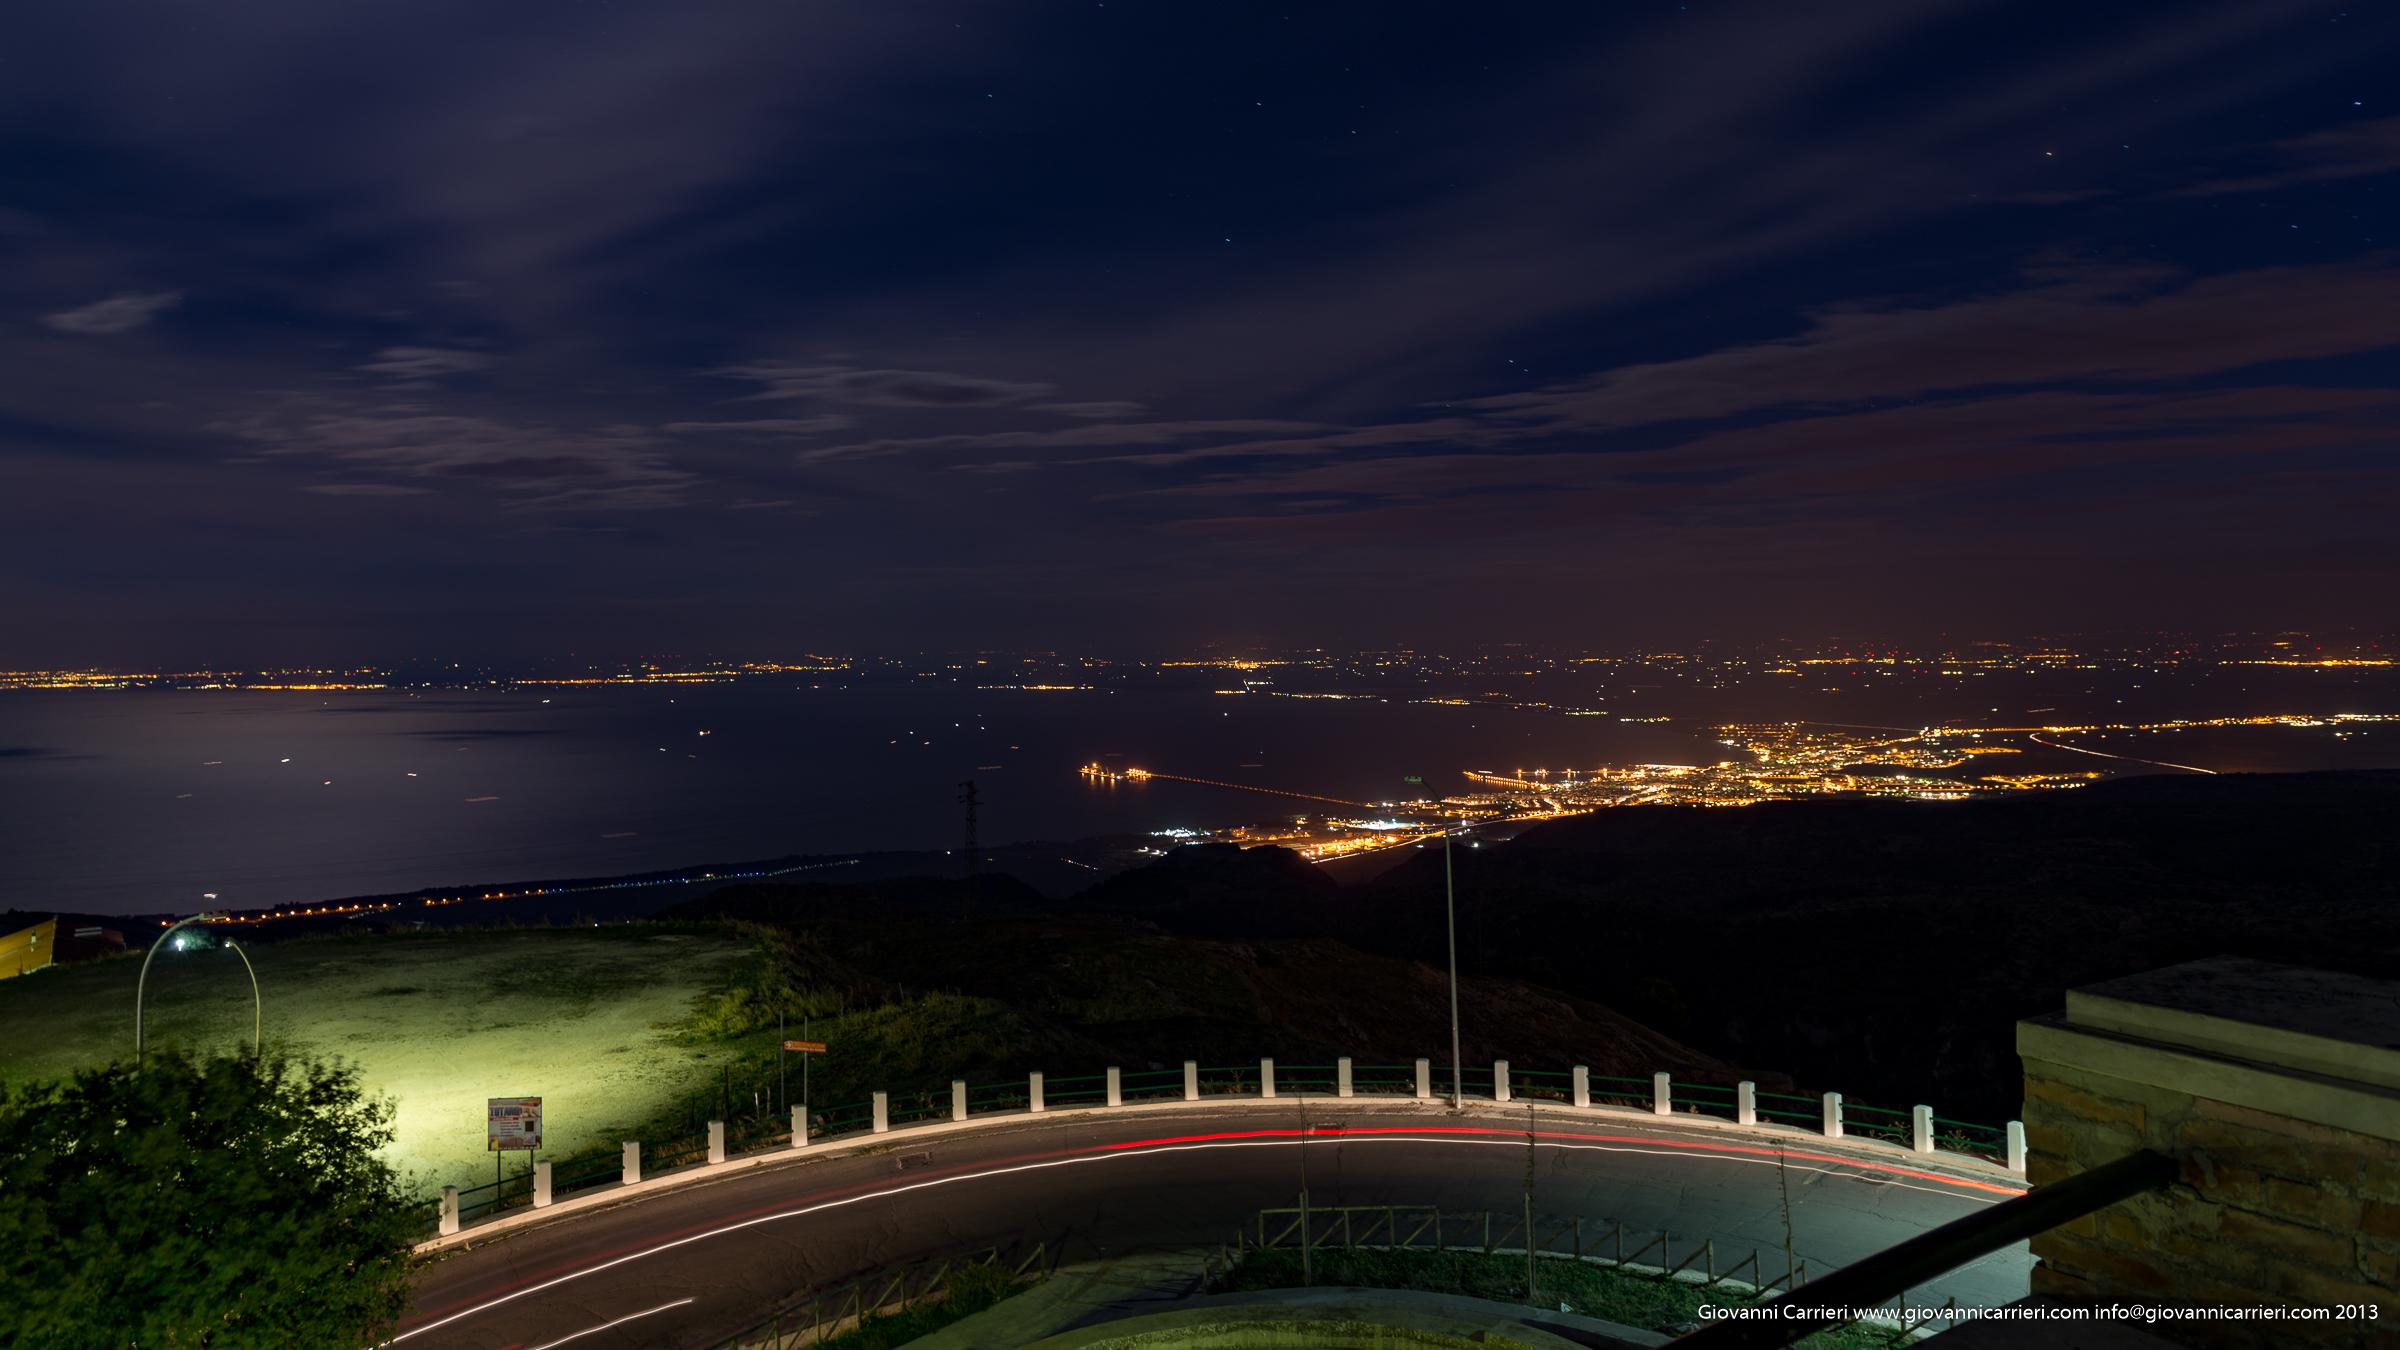 Il golfo di Manfredonia